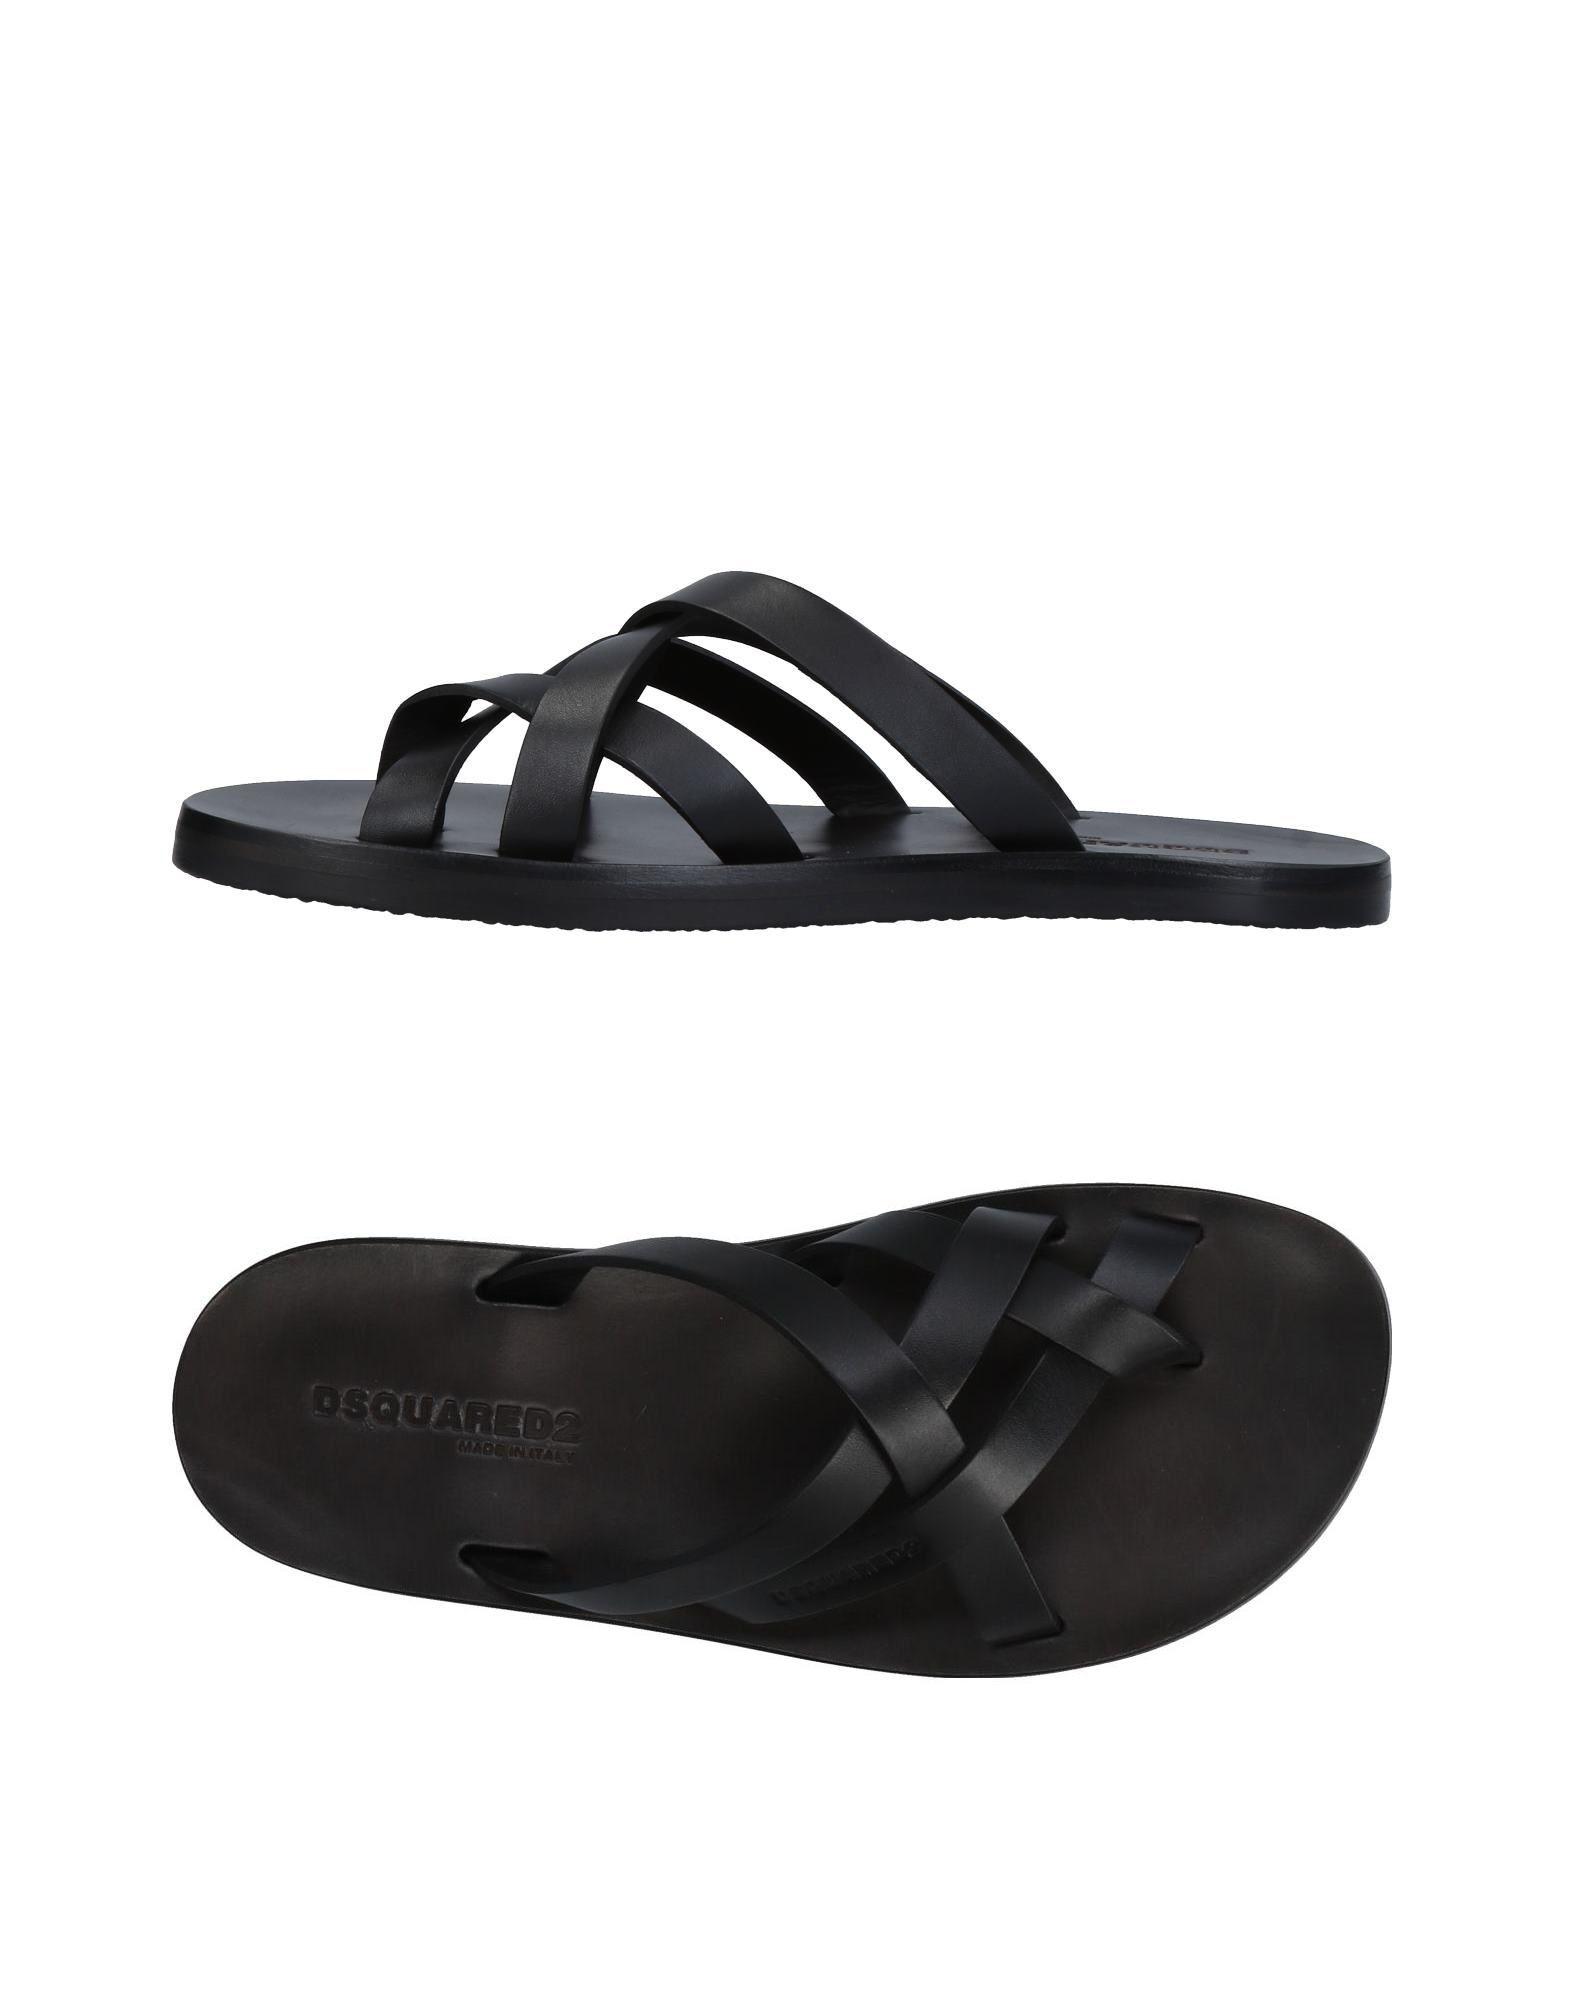 Dsquared2 Dianetten Herren  11442993BH Gute Qualität beliebte Schuhe